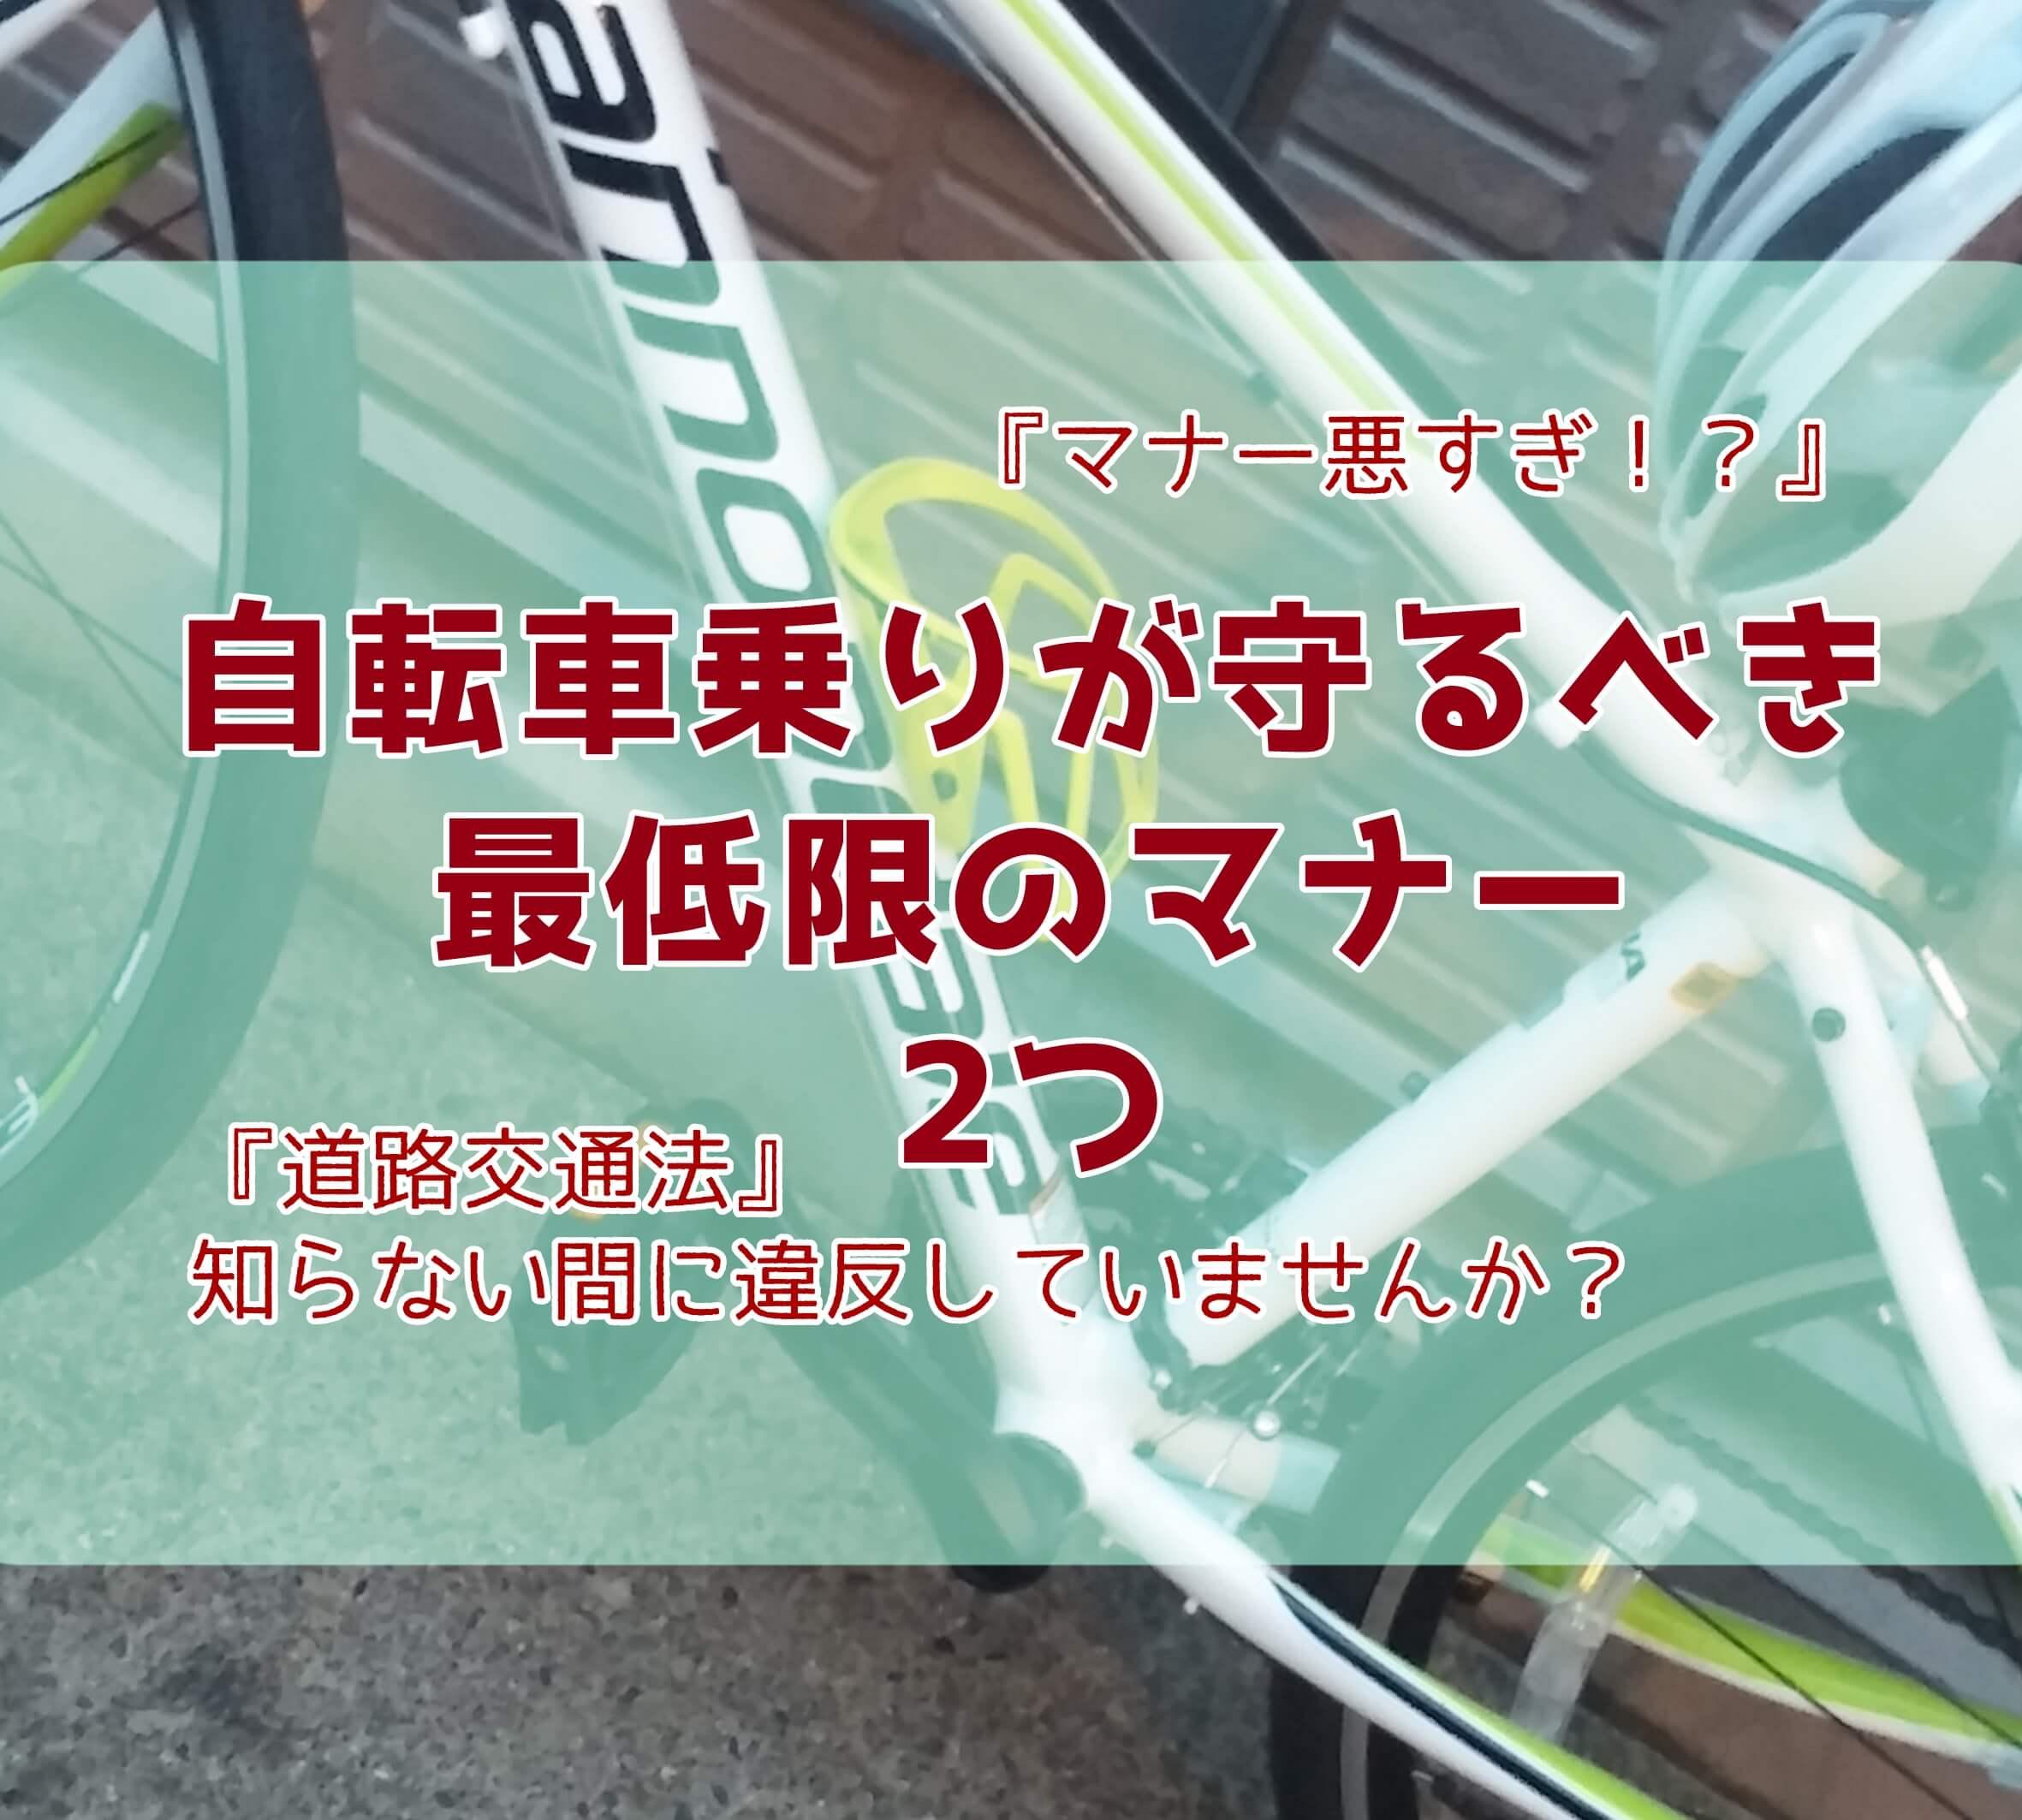 自転車乗りアイキャッチ